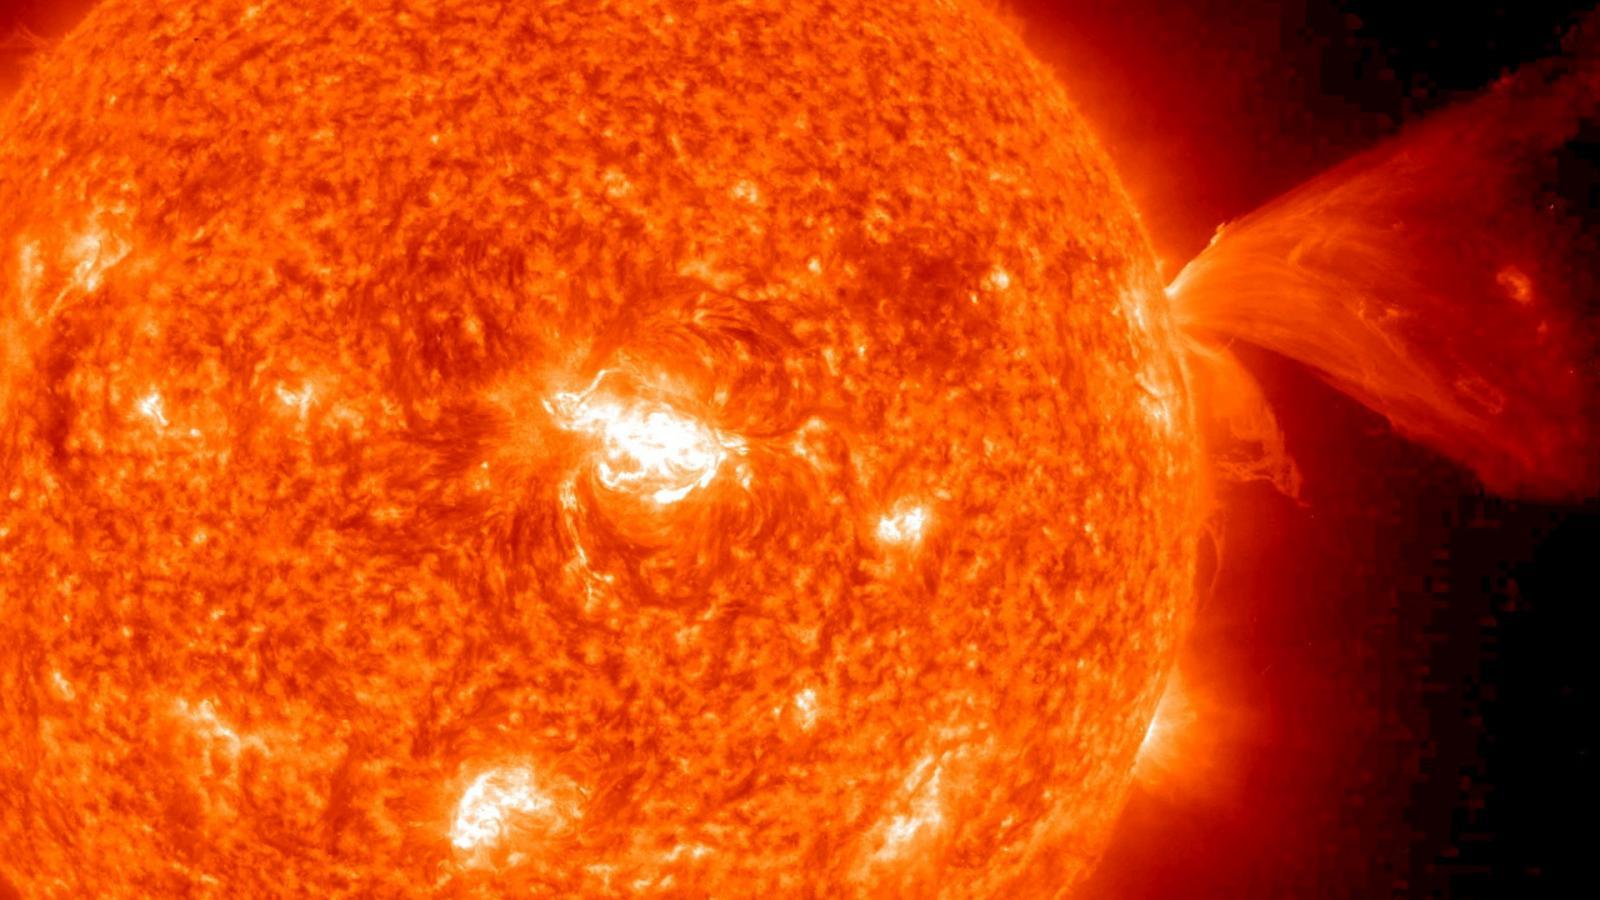 Брянцев предупредили об опасном солнечном излучении